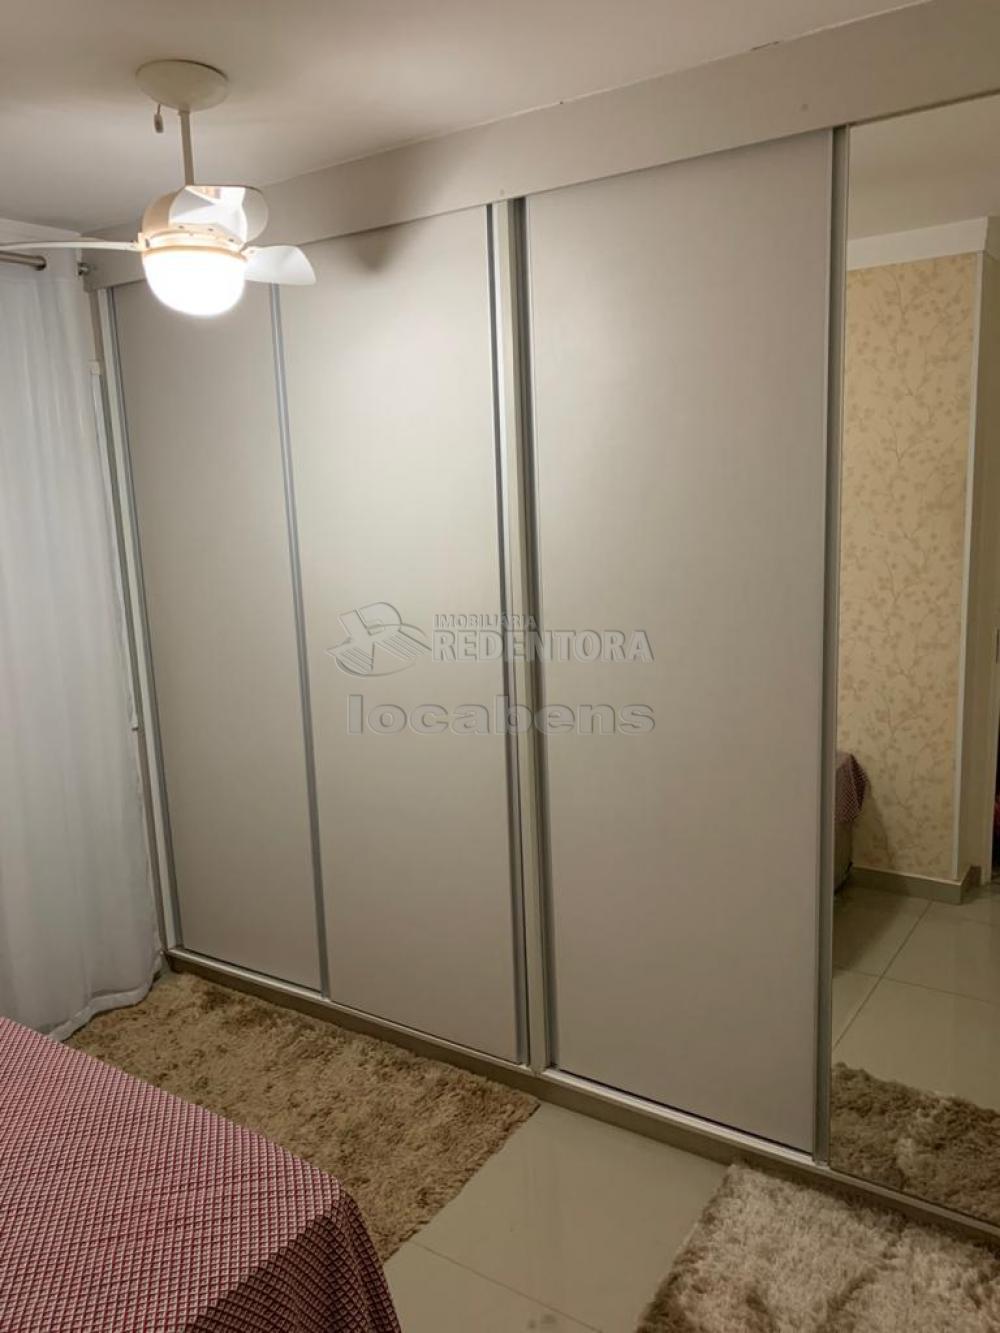 Comprar Apartamento / Padrão em São José do Rio Preto apenas R$ 230.000,00 - Foto 19